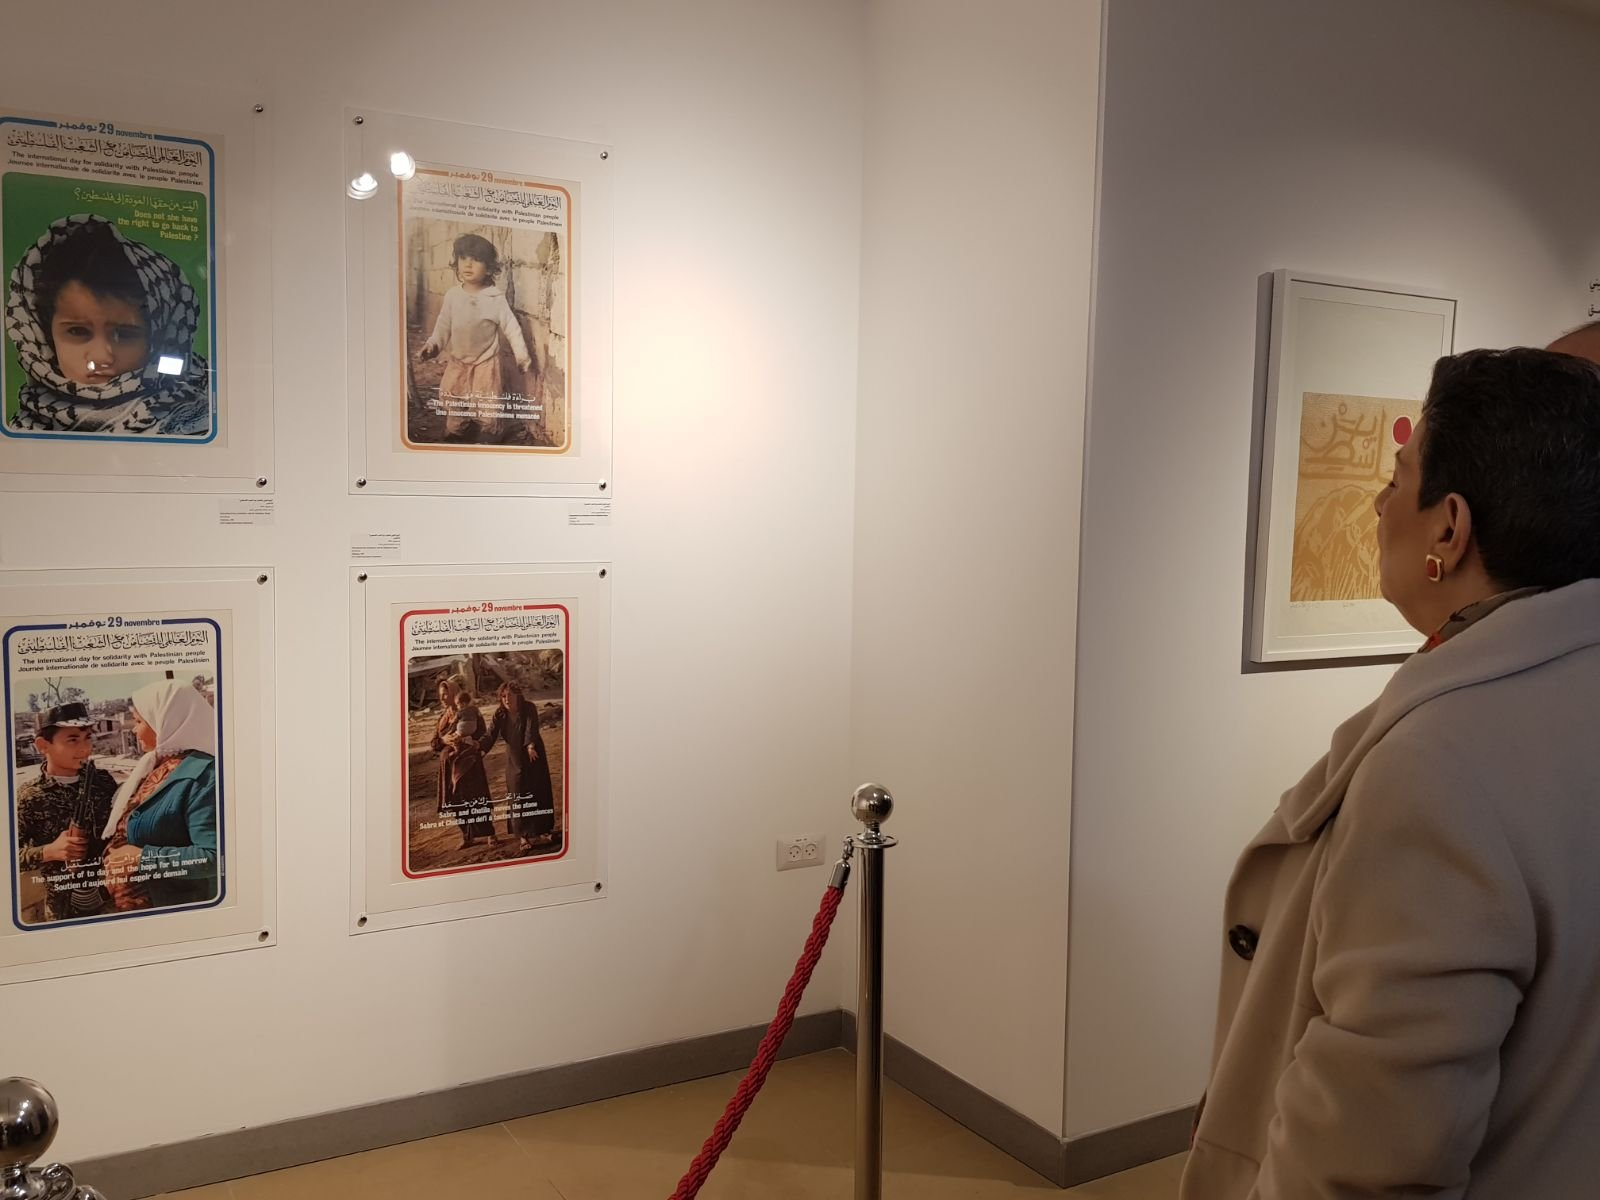 معرض يصور الأفكار والمفاهيم المتعلقة بالثورة الفلسطينية في عقدي السبعينات والثمانيات-3